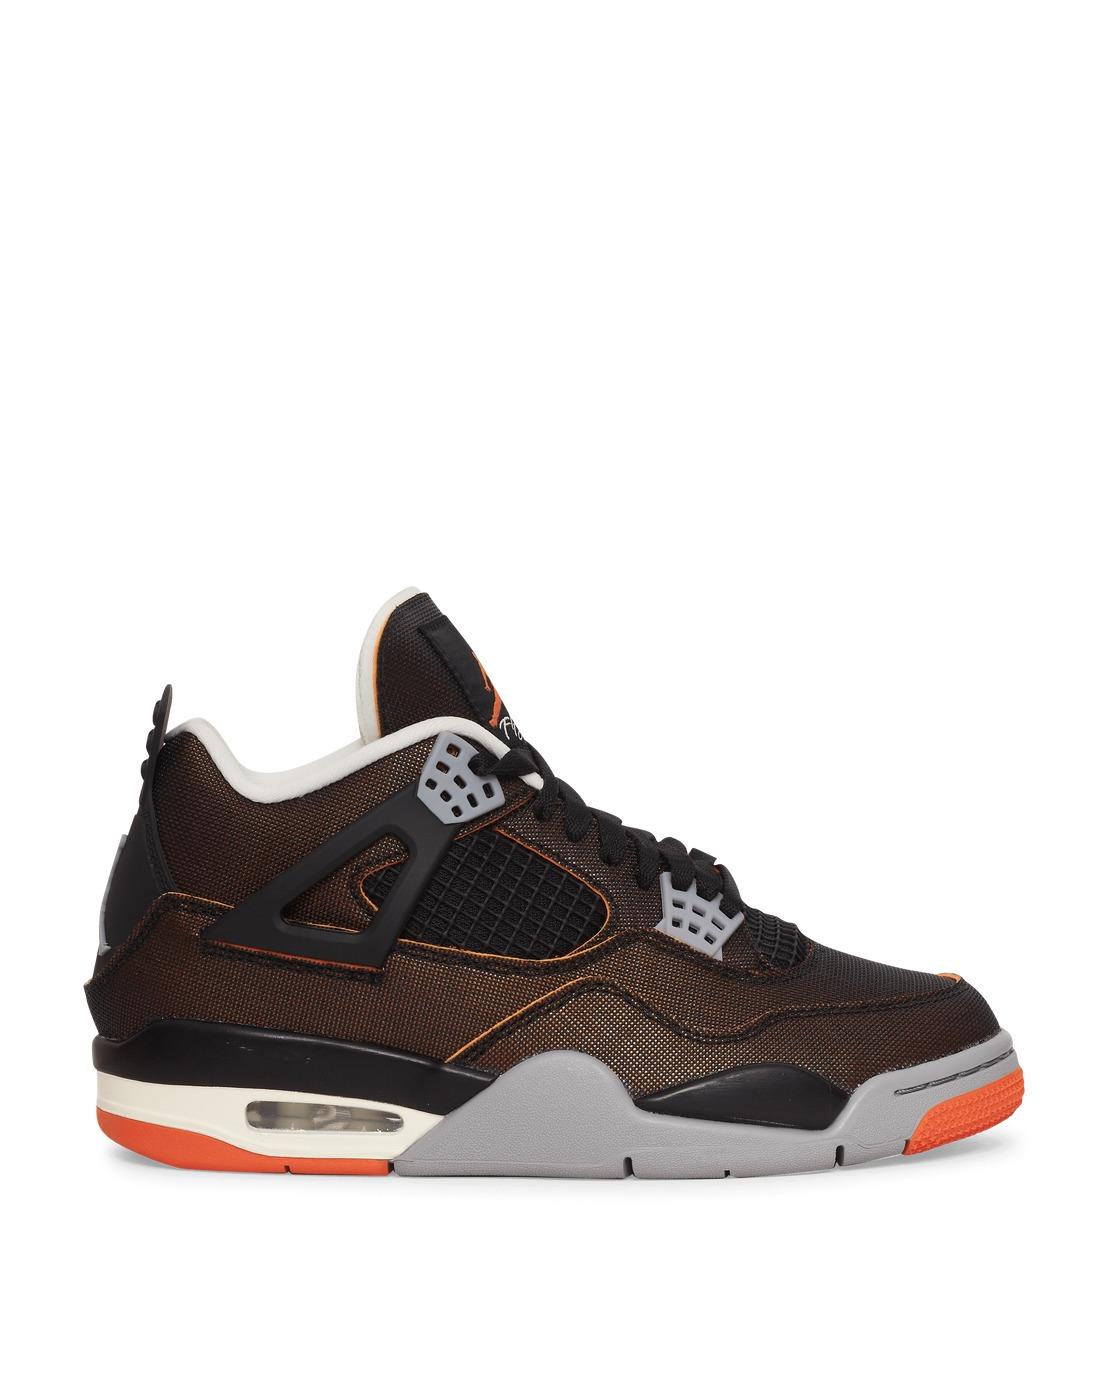 Nike Jordan Air Jordan 4 Retro Se Sneakers Sail/Black